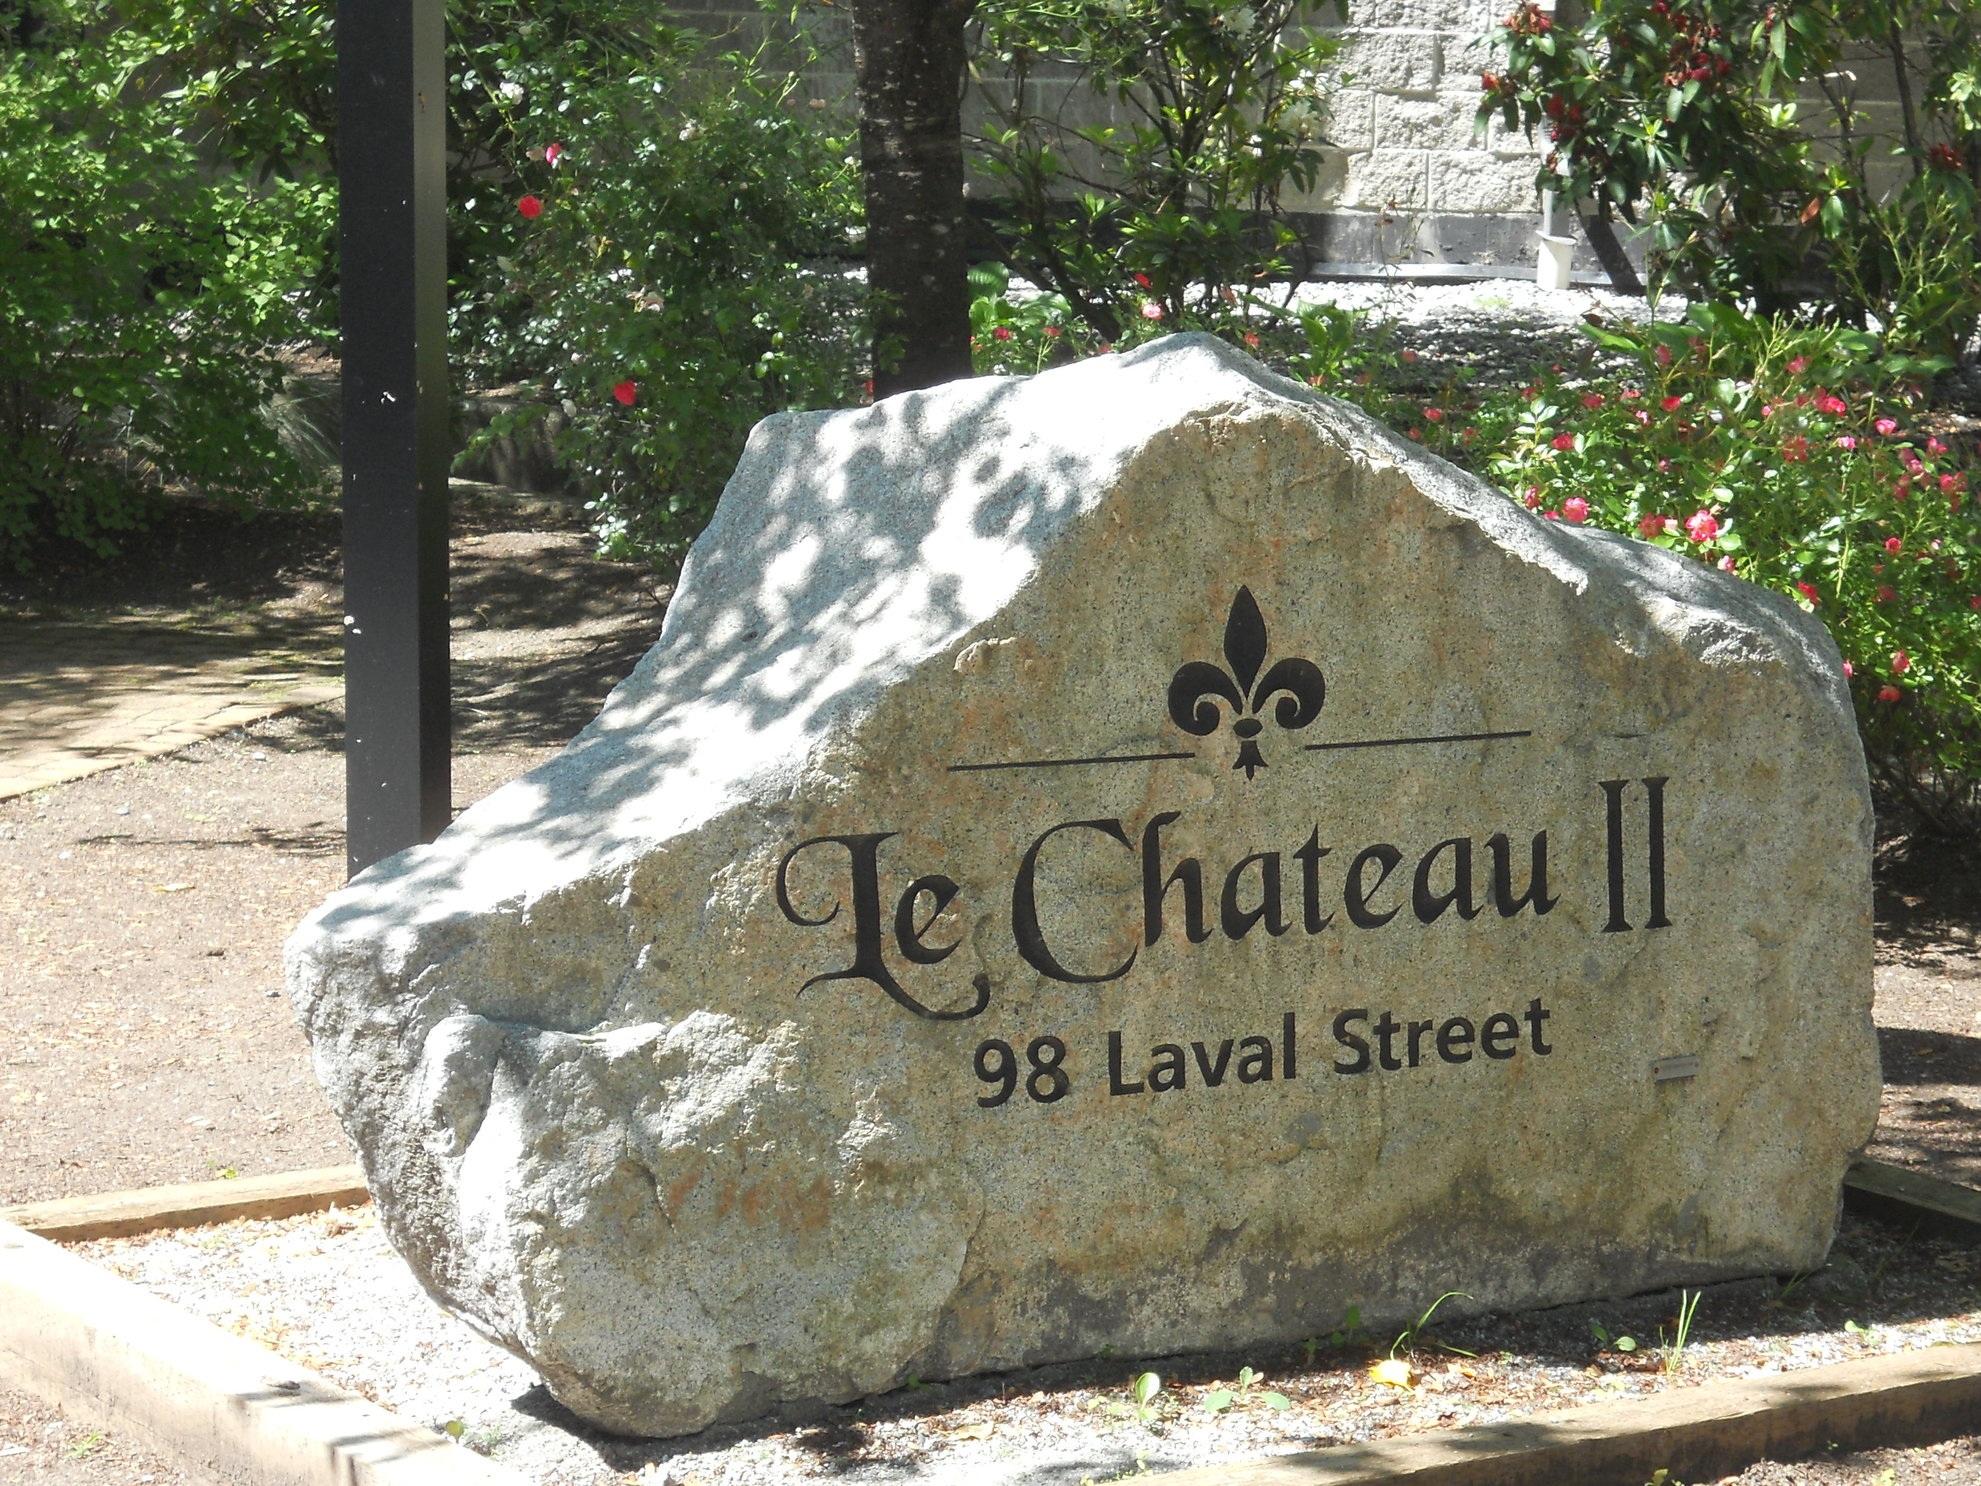 LA CHATEAU II